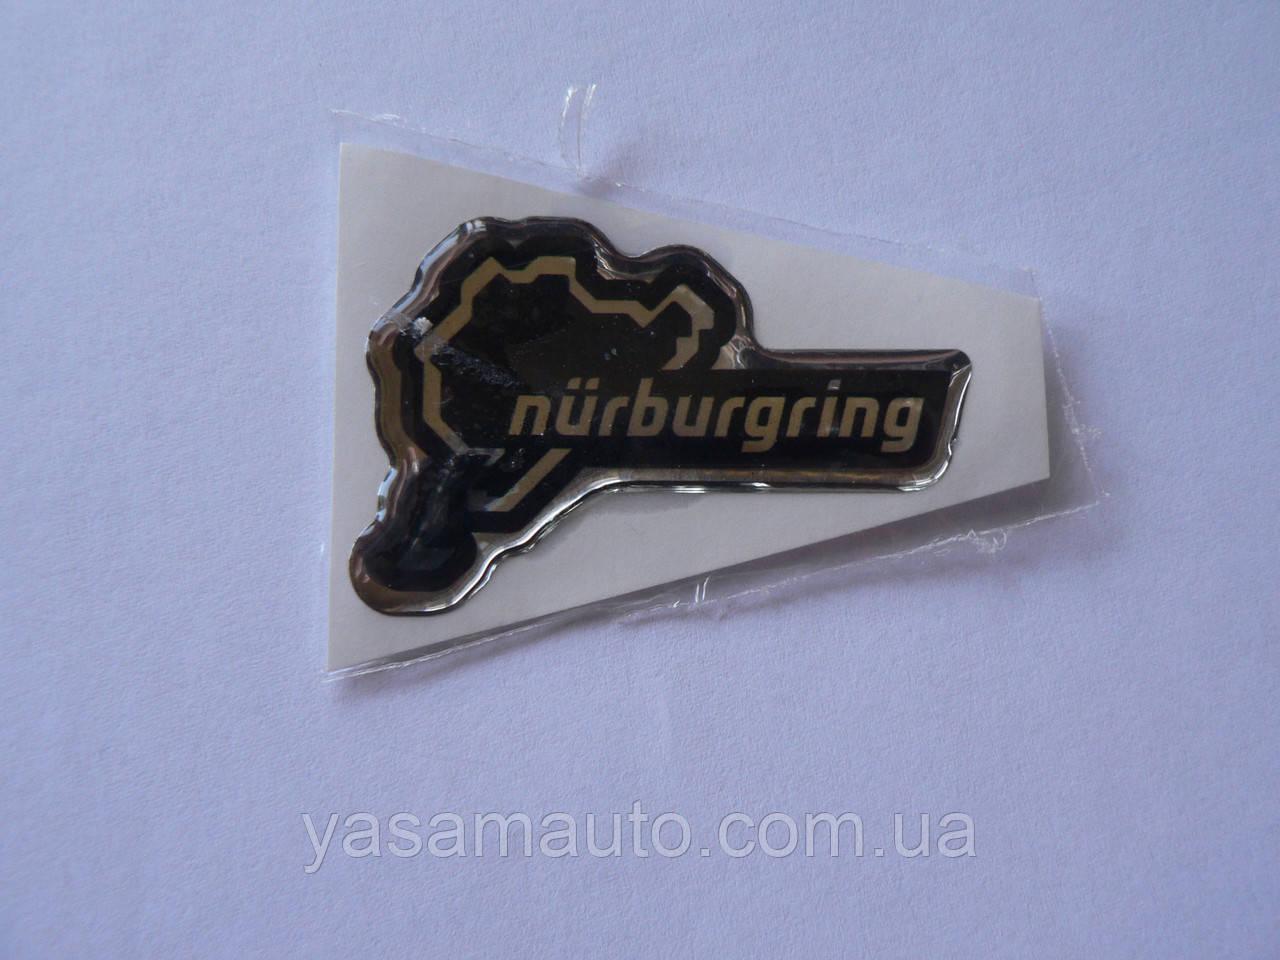 Наклейка s силиконовая надпись Nurburgring 50х32х1мм серебристая Нюрбургринг  гонки гоночная трасса